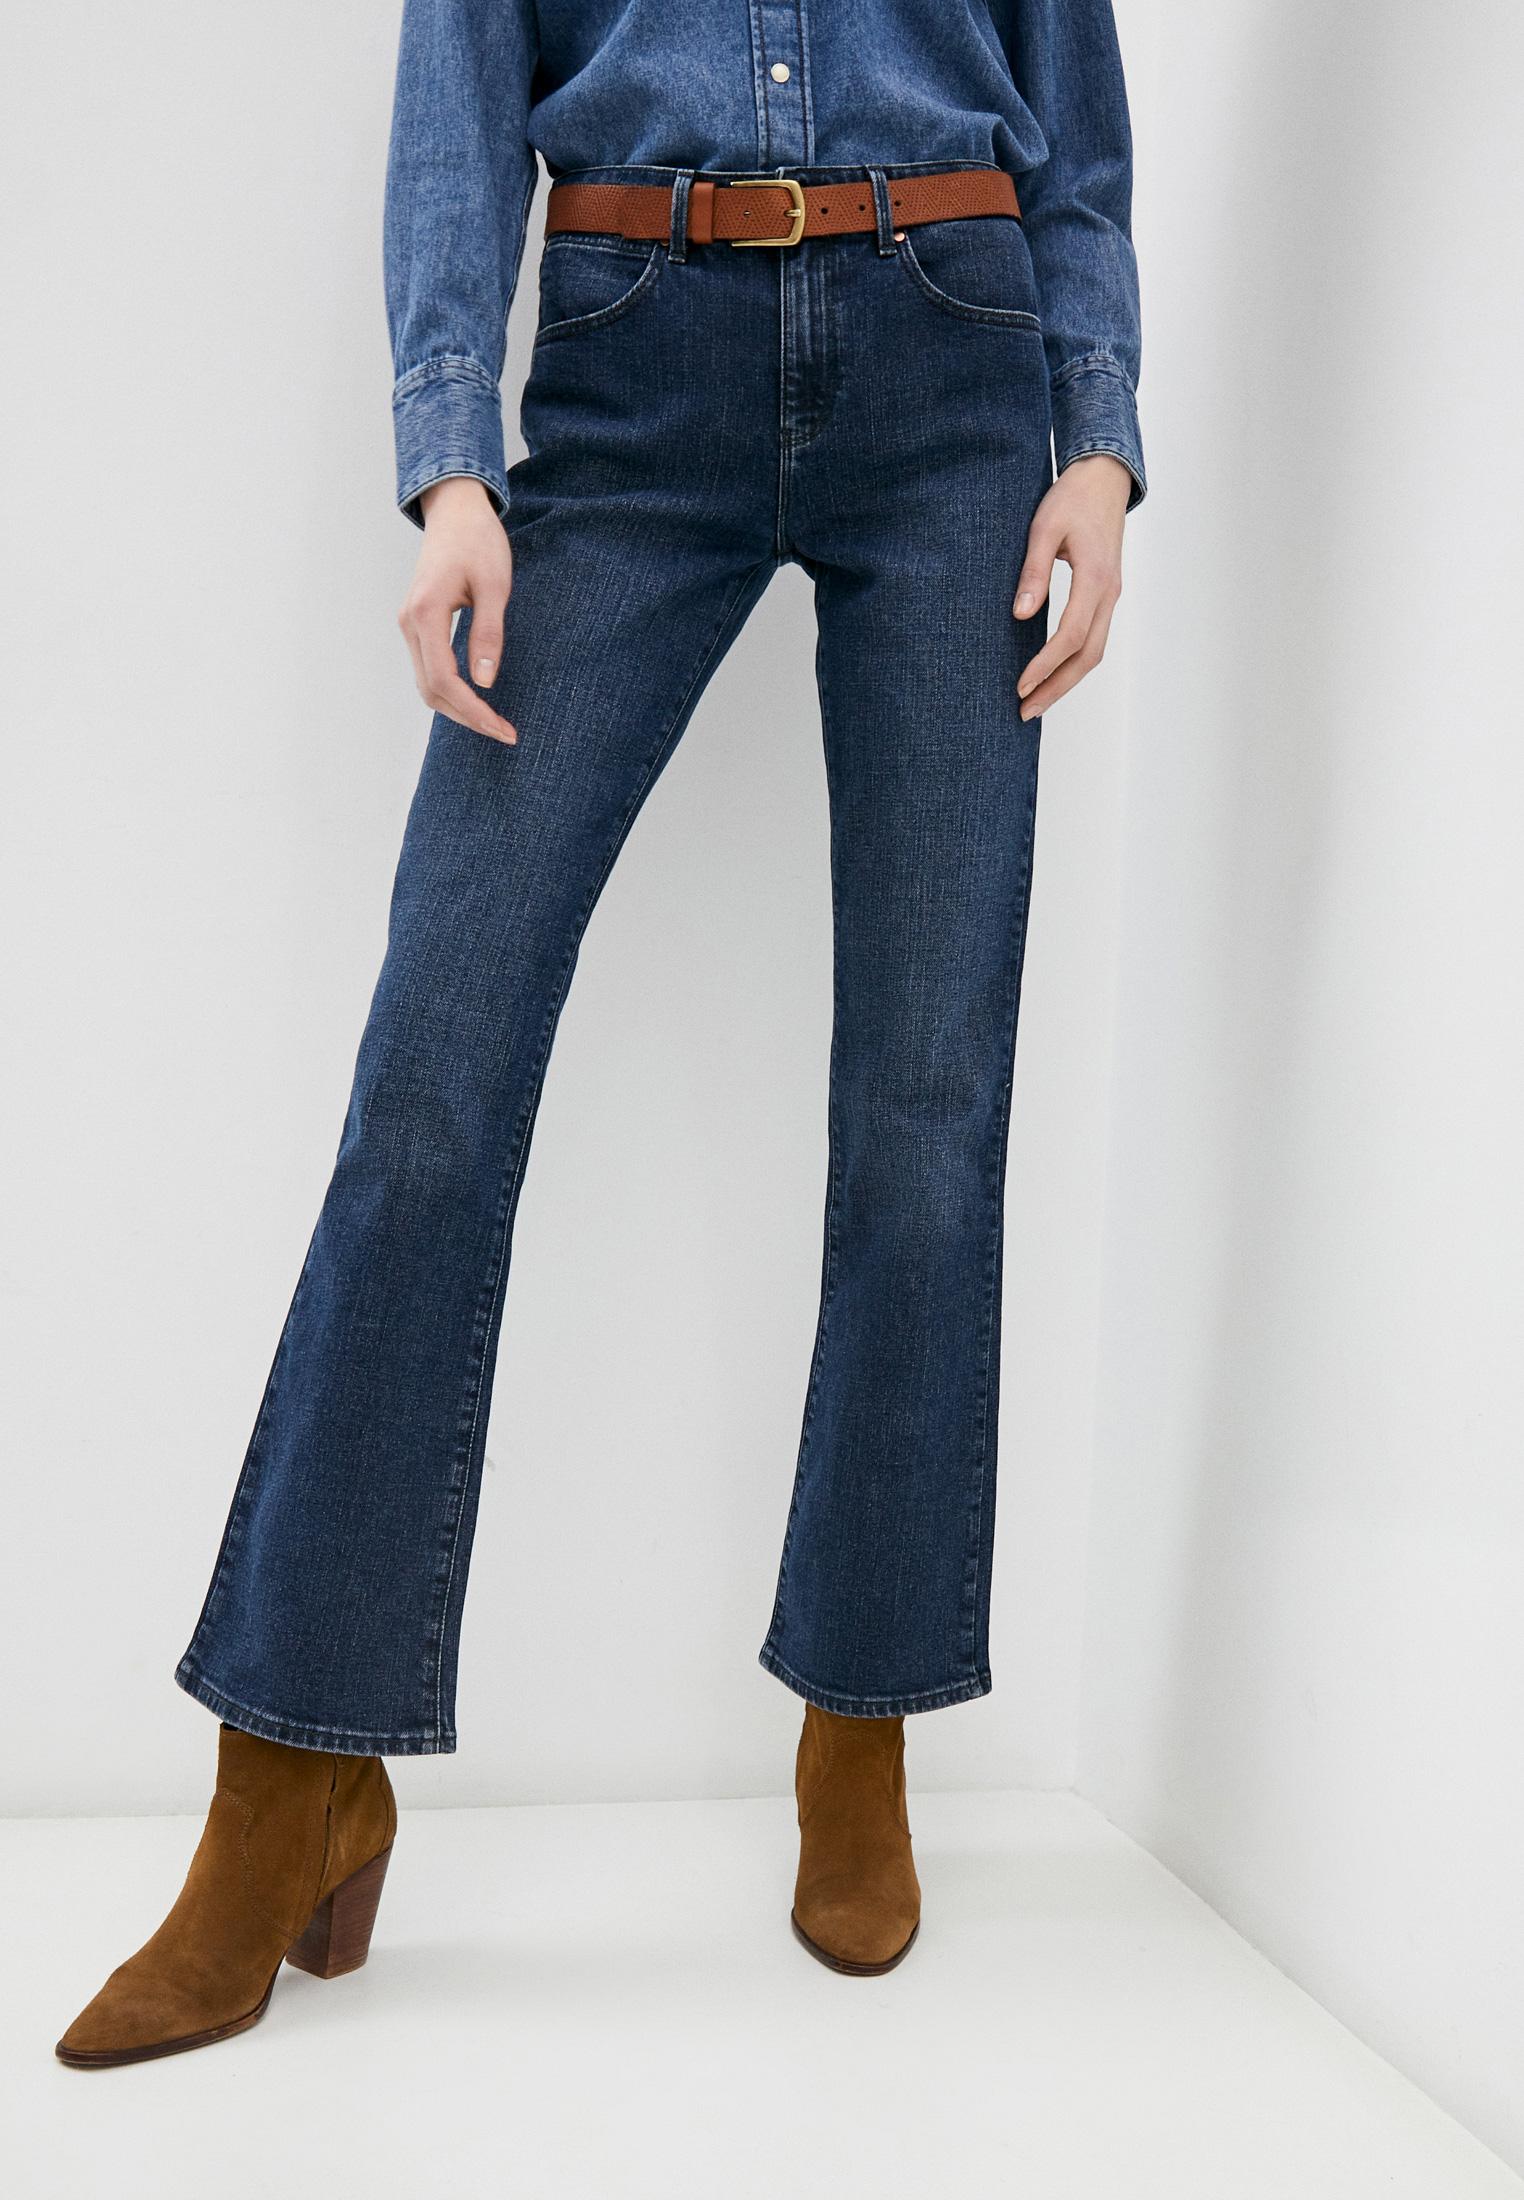 Прямые джинсы Wrangler (Вранглер) Джинсы Wrangler